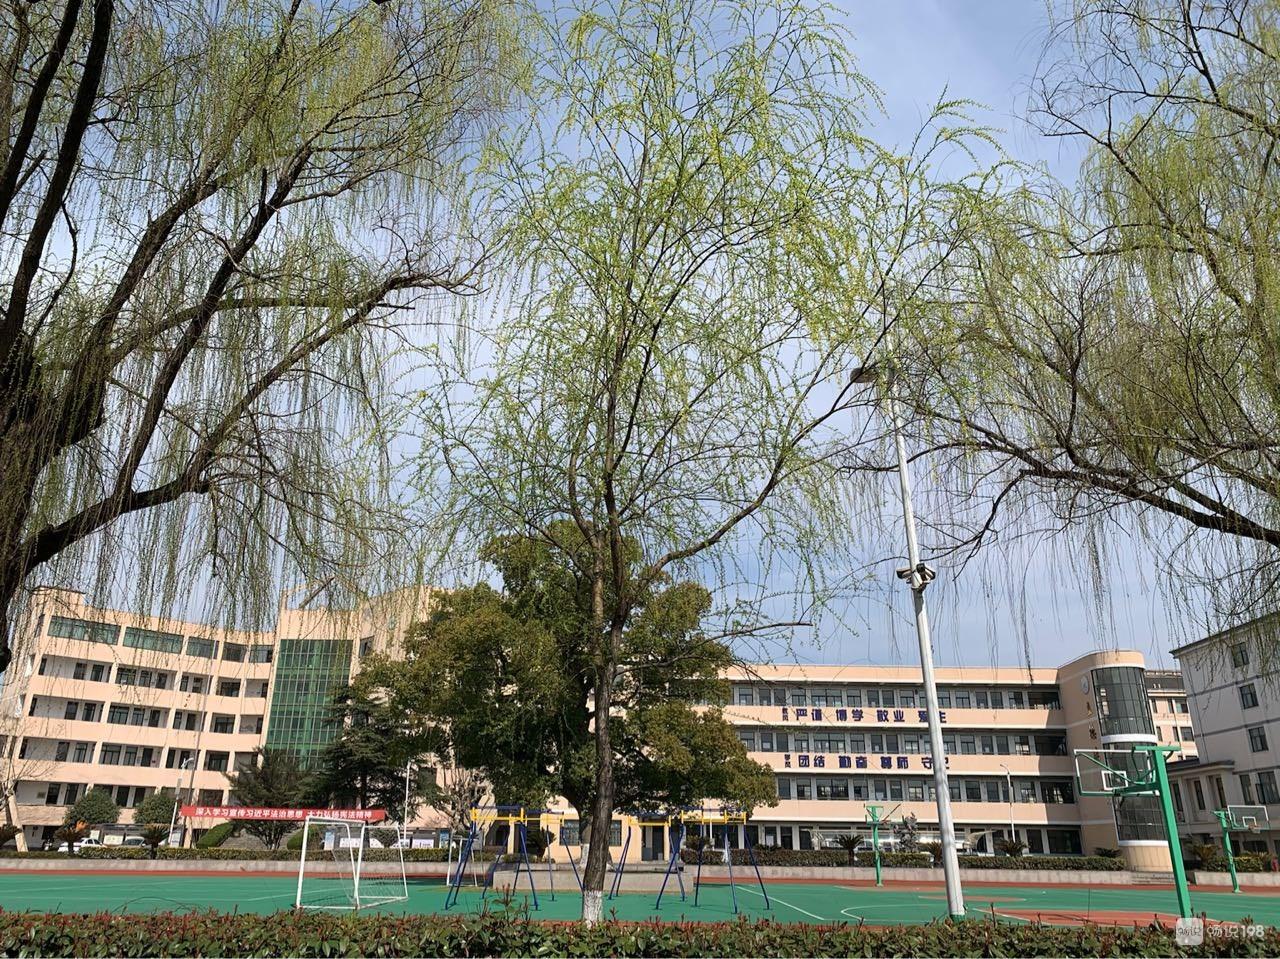 绍兴这学校前面的河景很美,你去逛过吗?